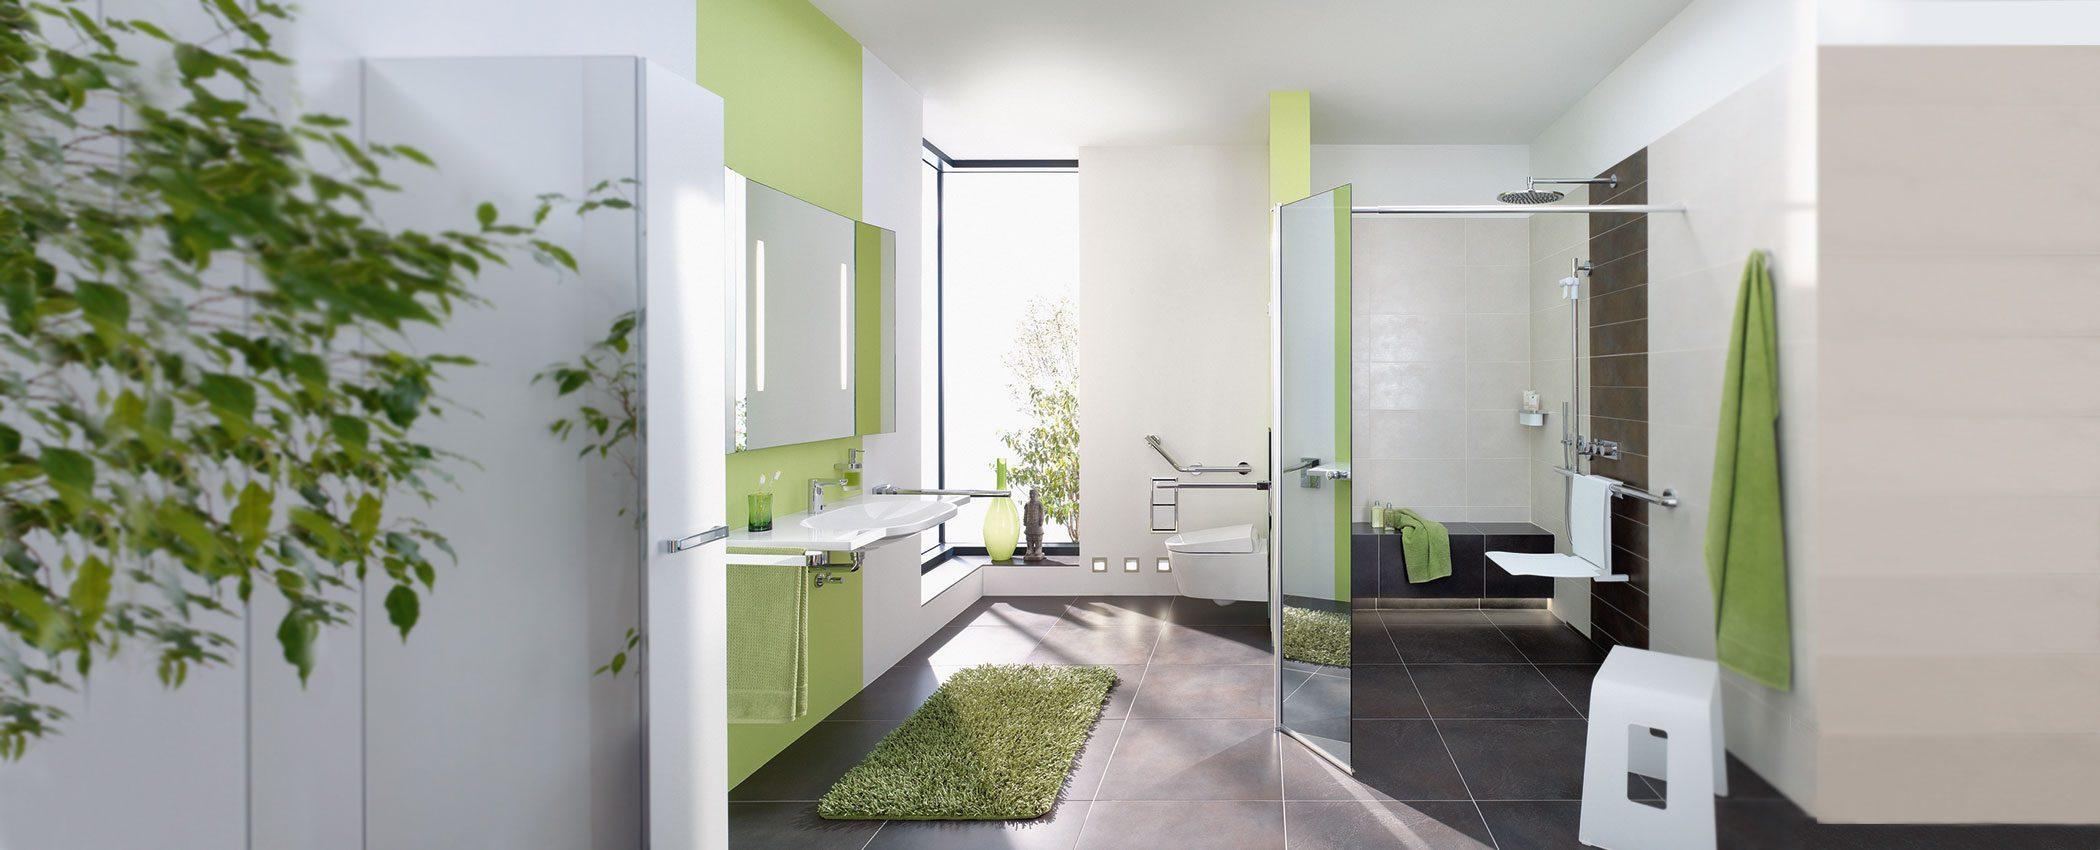 Neubau Und Umbau Haustechnik Rausch Bader Sanitar Installation